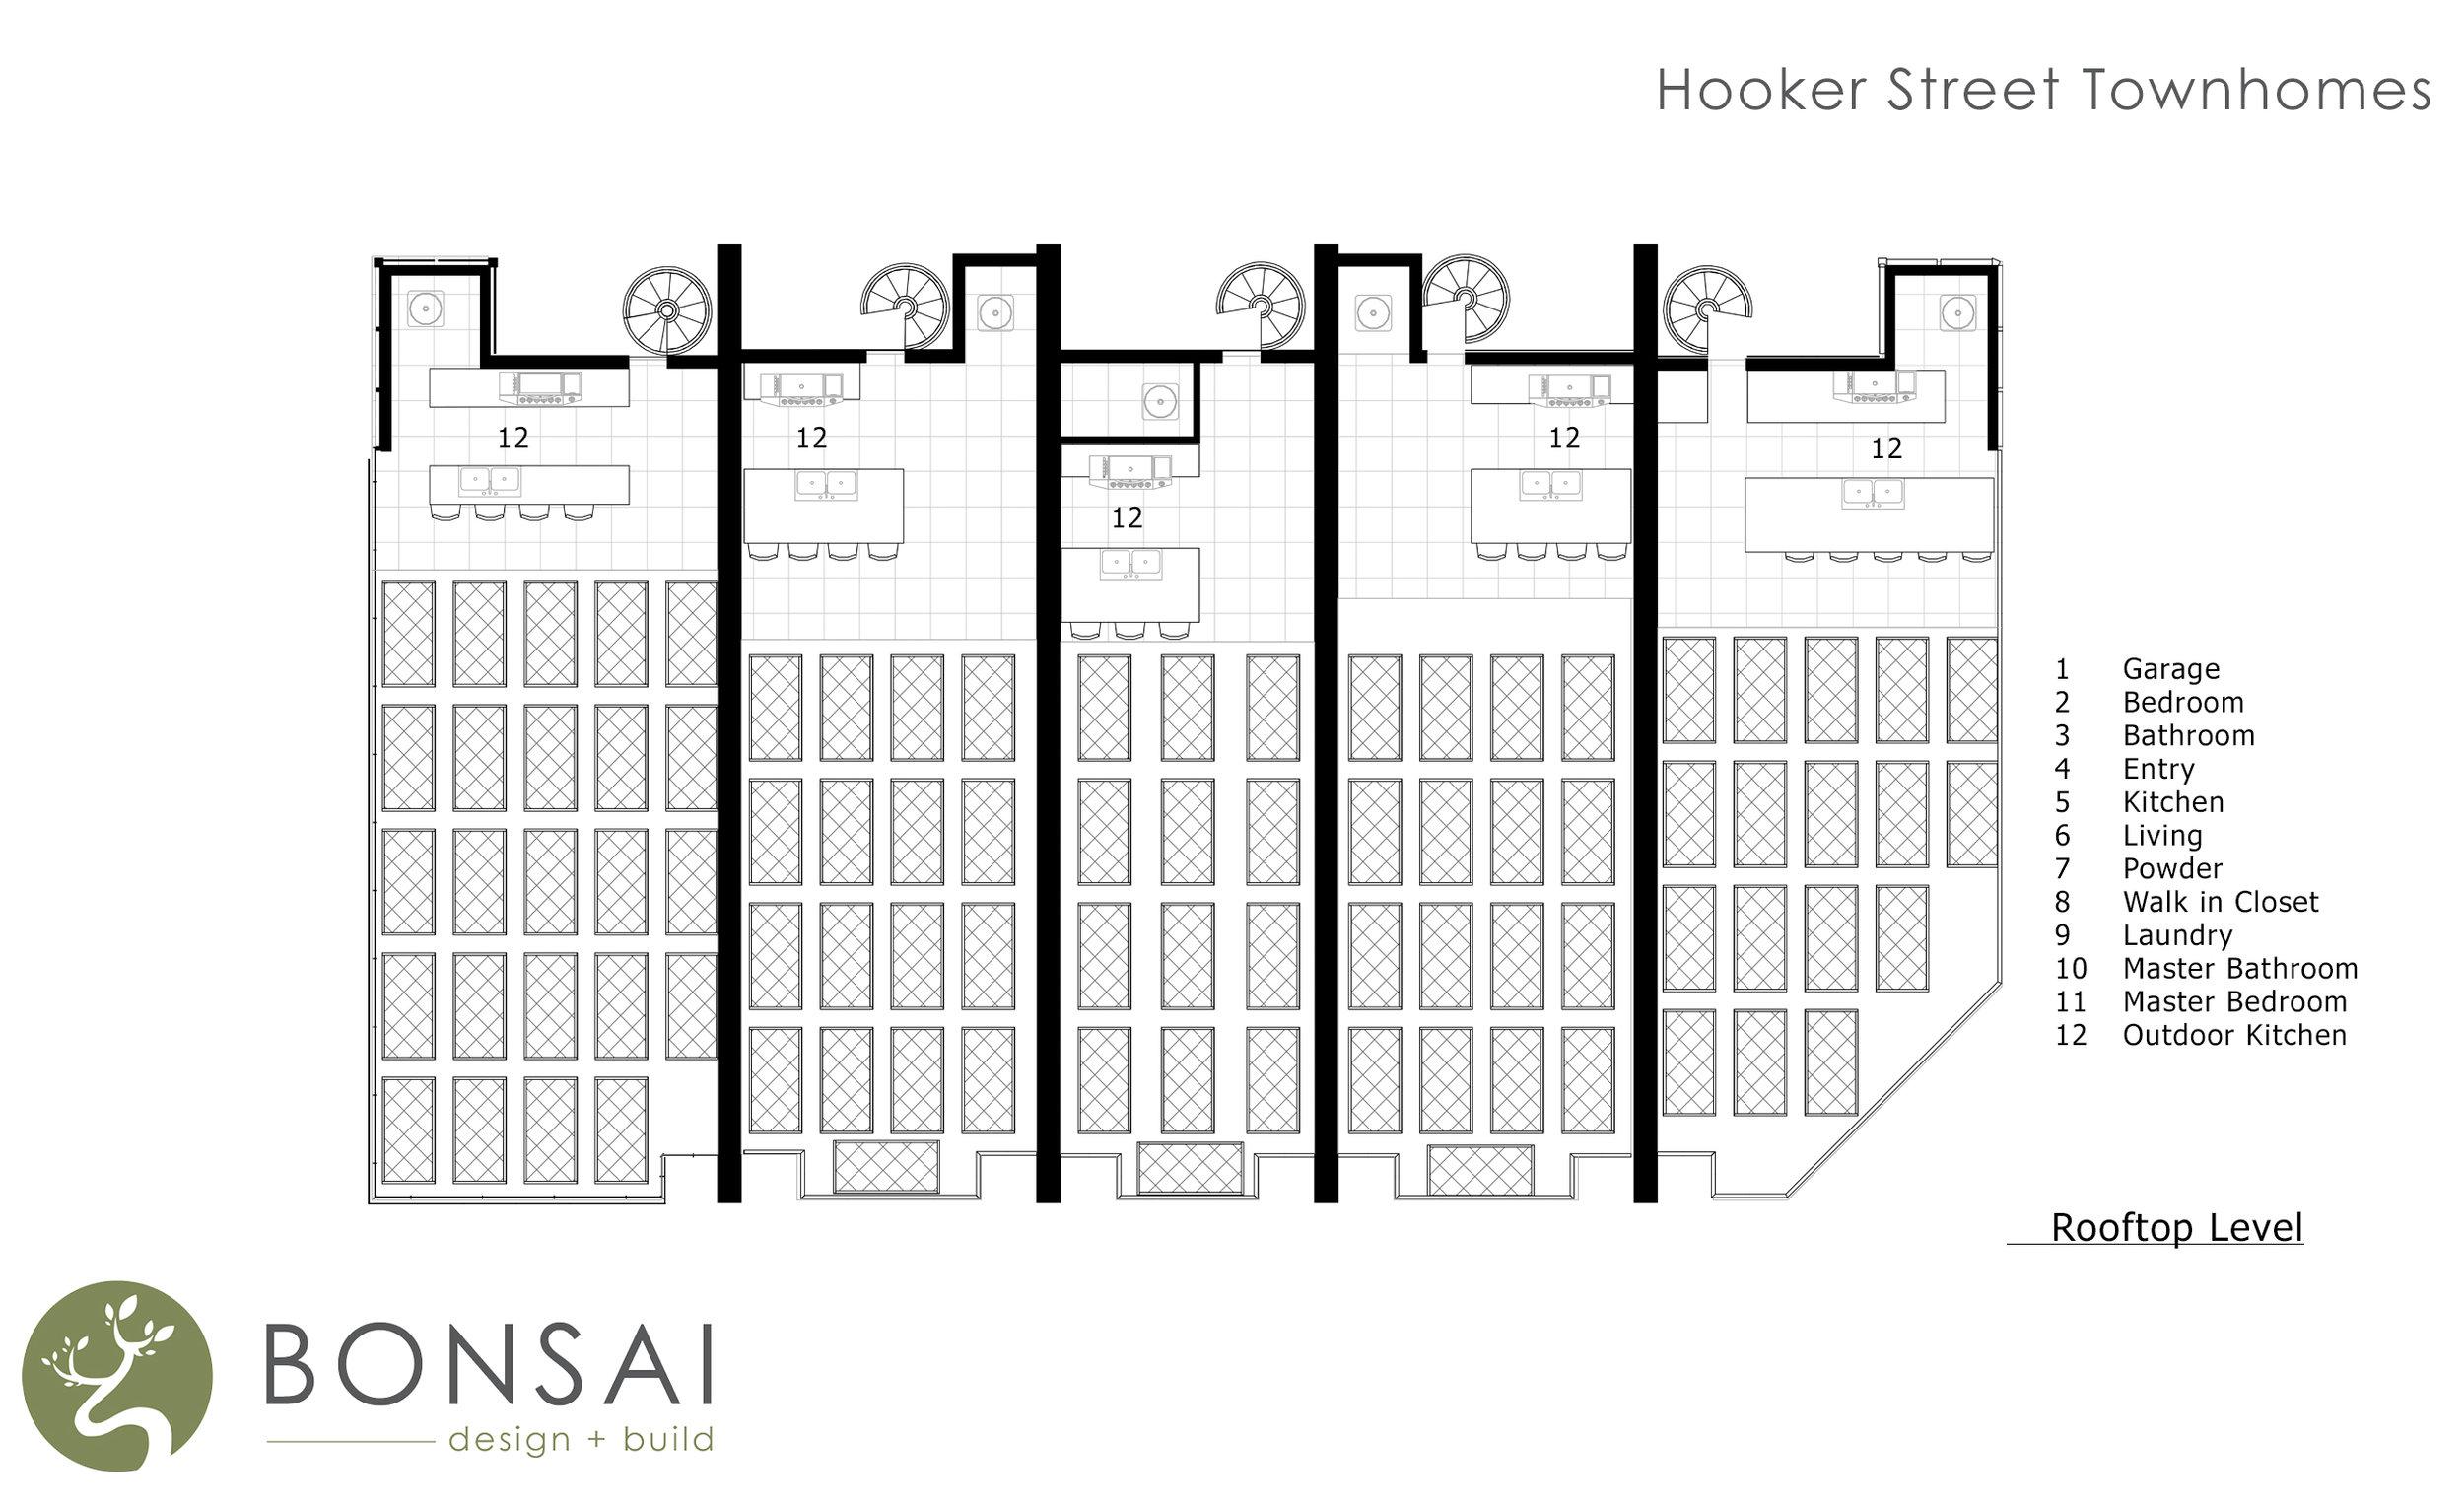 Hooker St Townhomes Fourth Level Plan.jpg